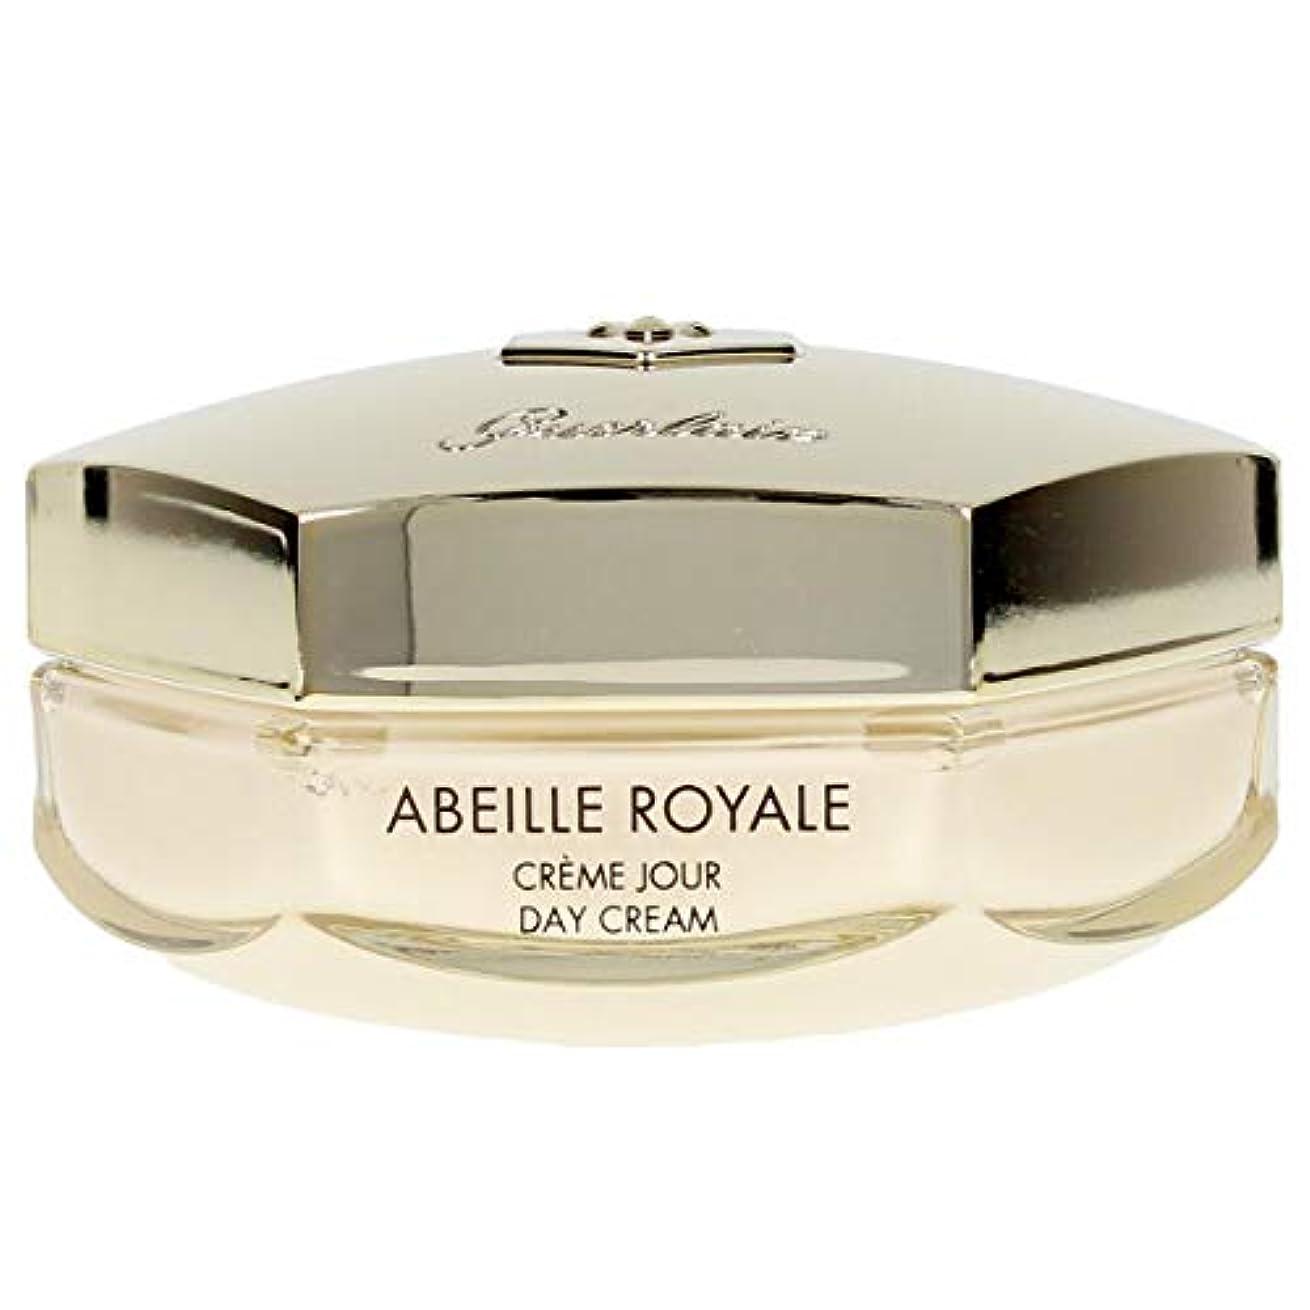 簡単に九月促進するゲラン Abeille Royale Day Cream - Firms, Smoothes & Illuminates 50ml/1.6oz並行輸入品